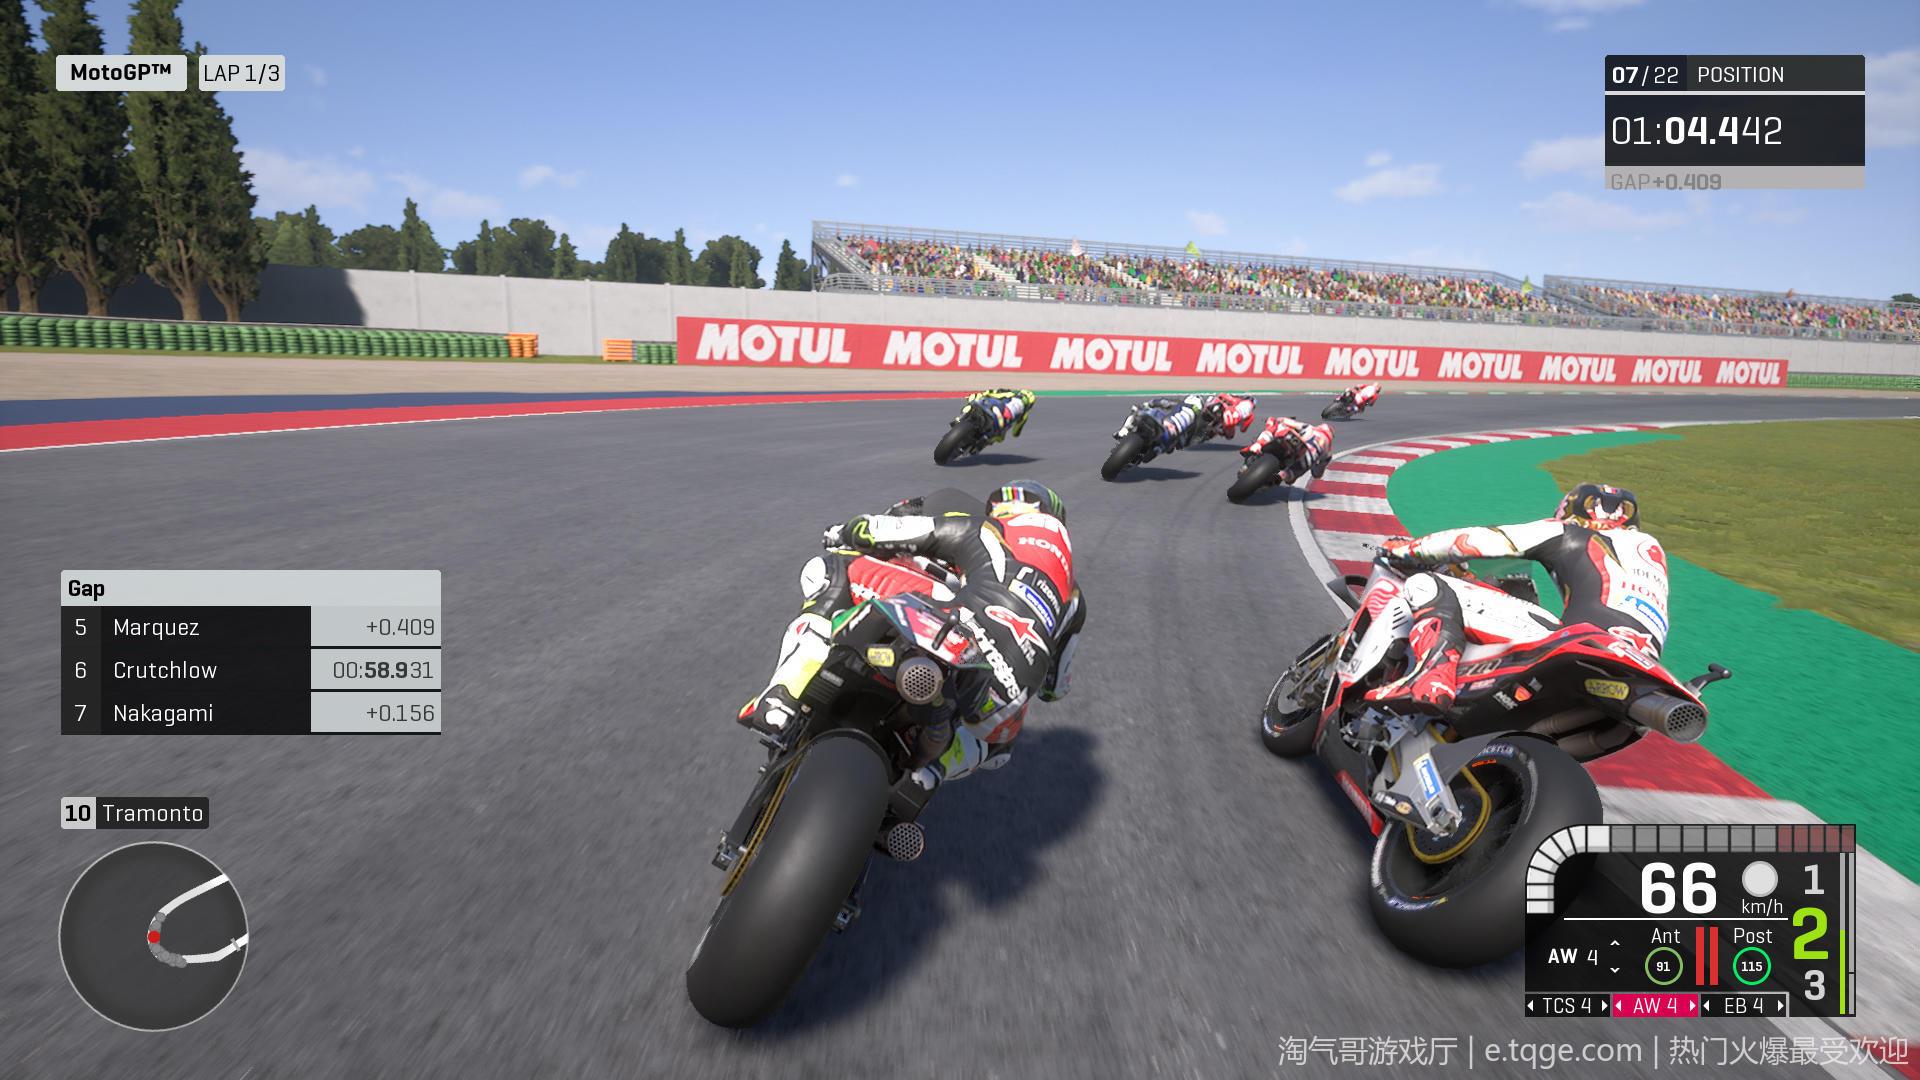 世界摩托大奖赛20/摩托GP20 热门游戏 第9张